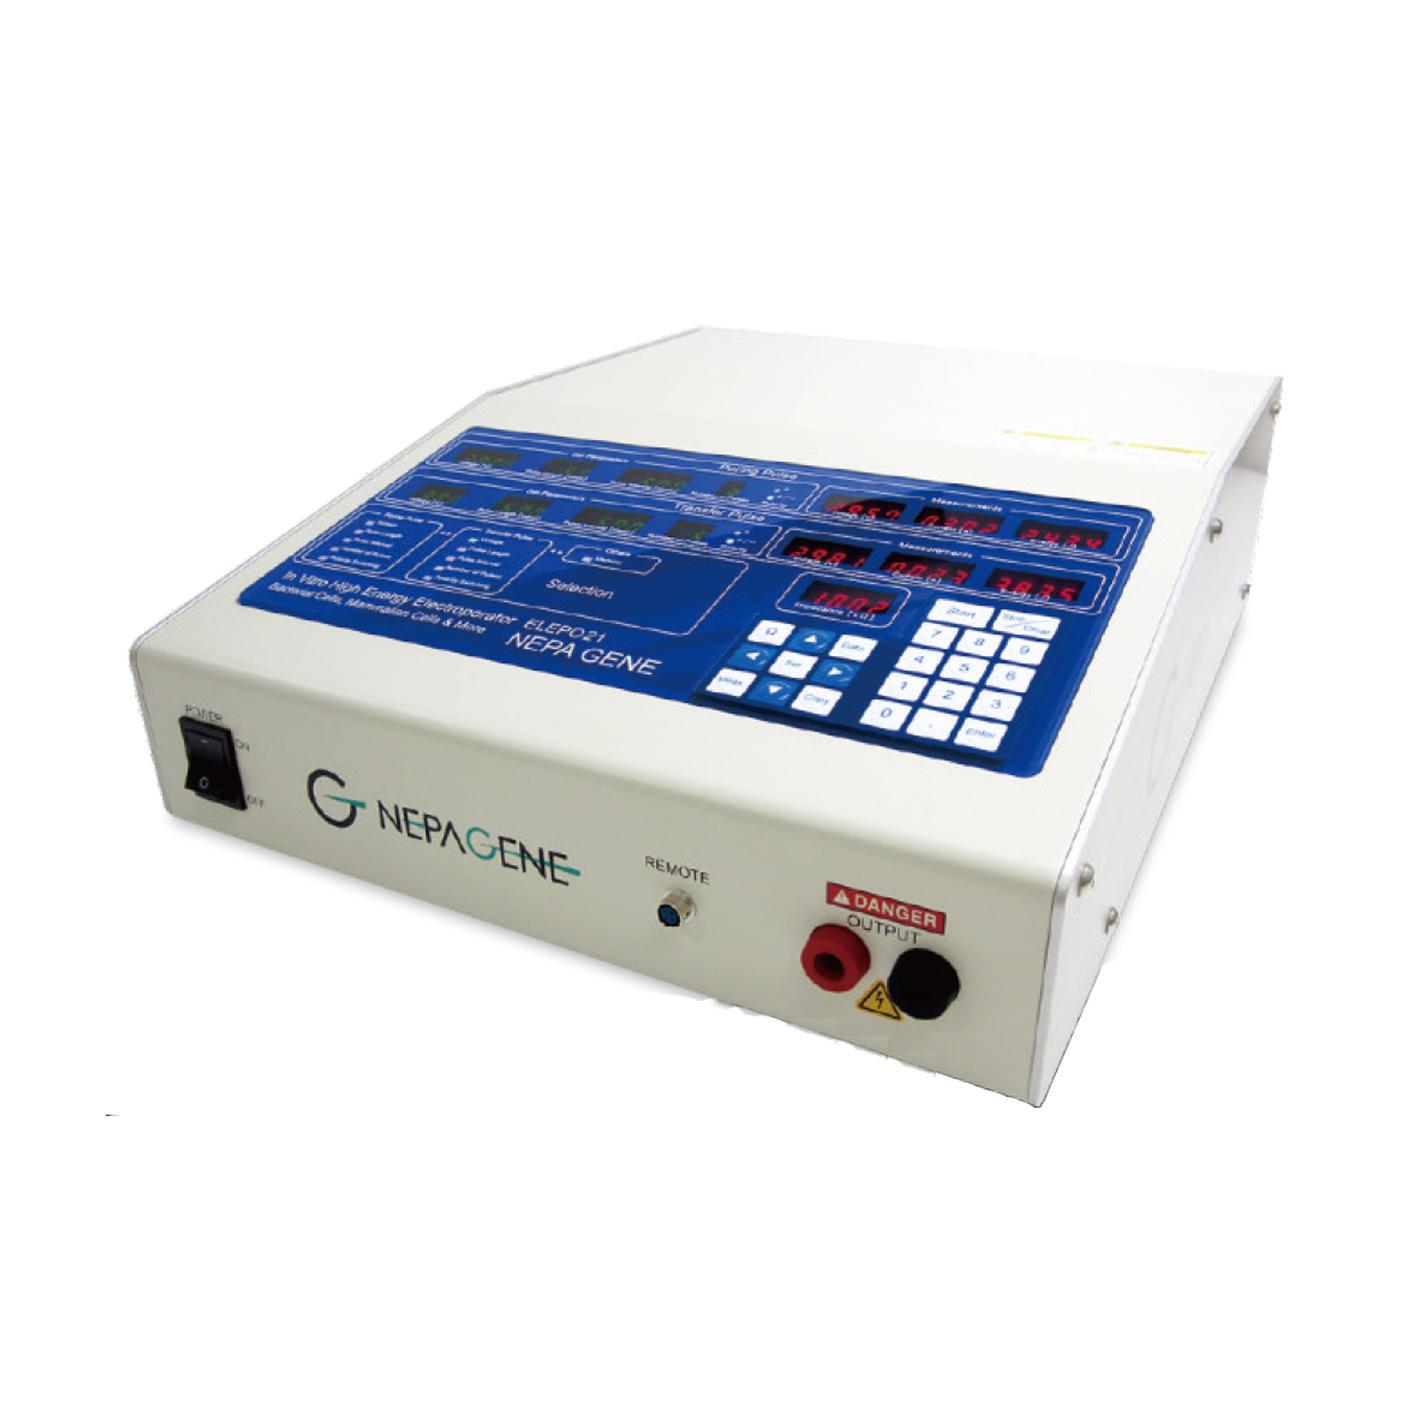 ELEPO21 体外高效电转仪电转化仪